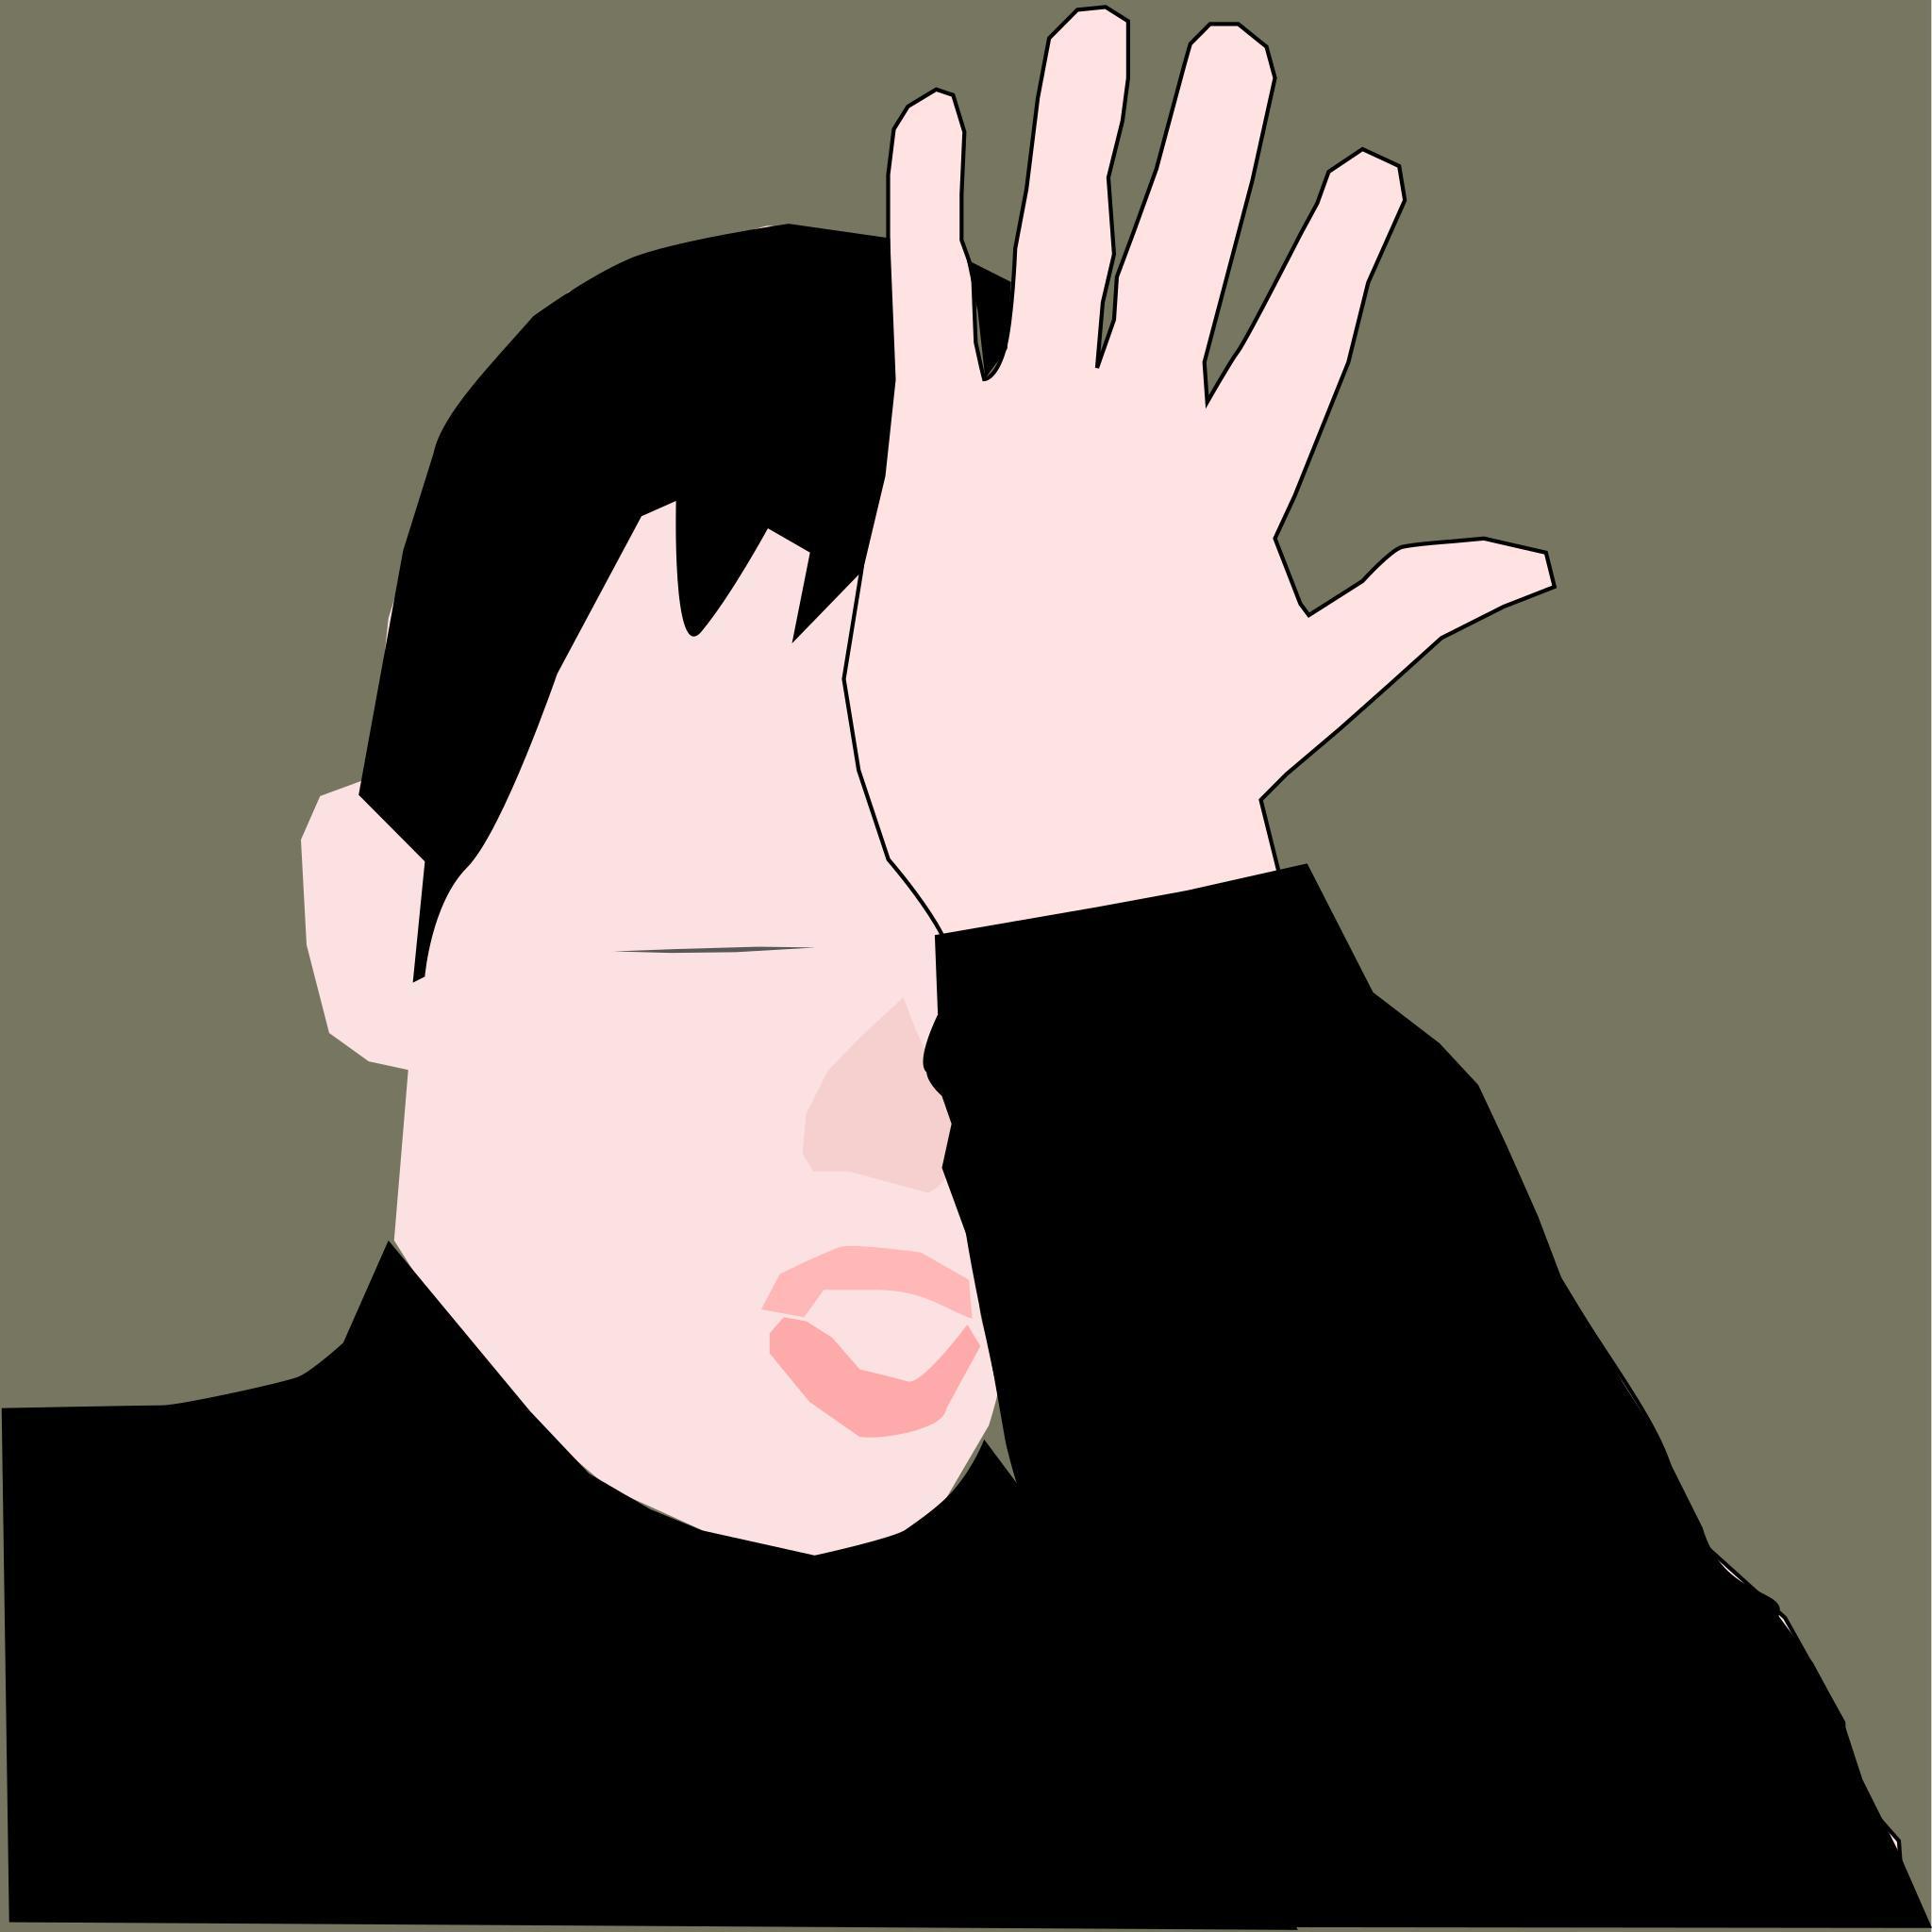 картинка стартрек лицо закрыто рукой причиной, вызывающей воспаление